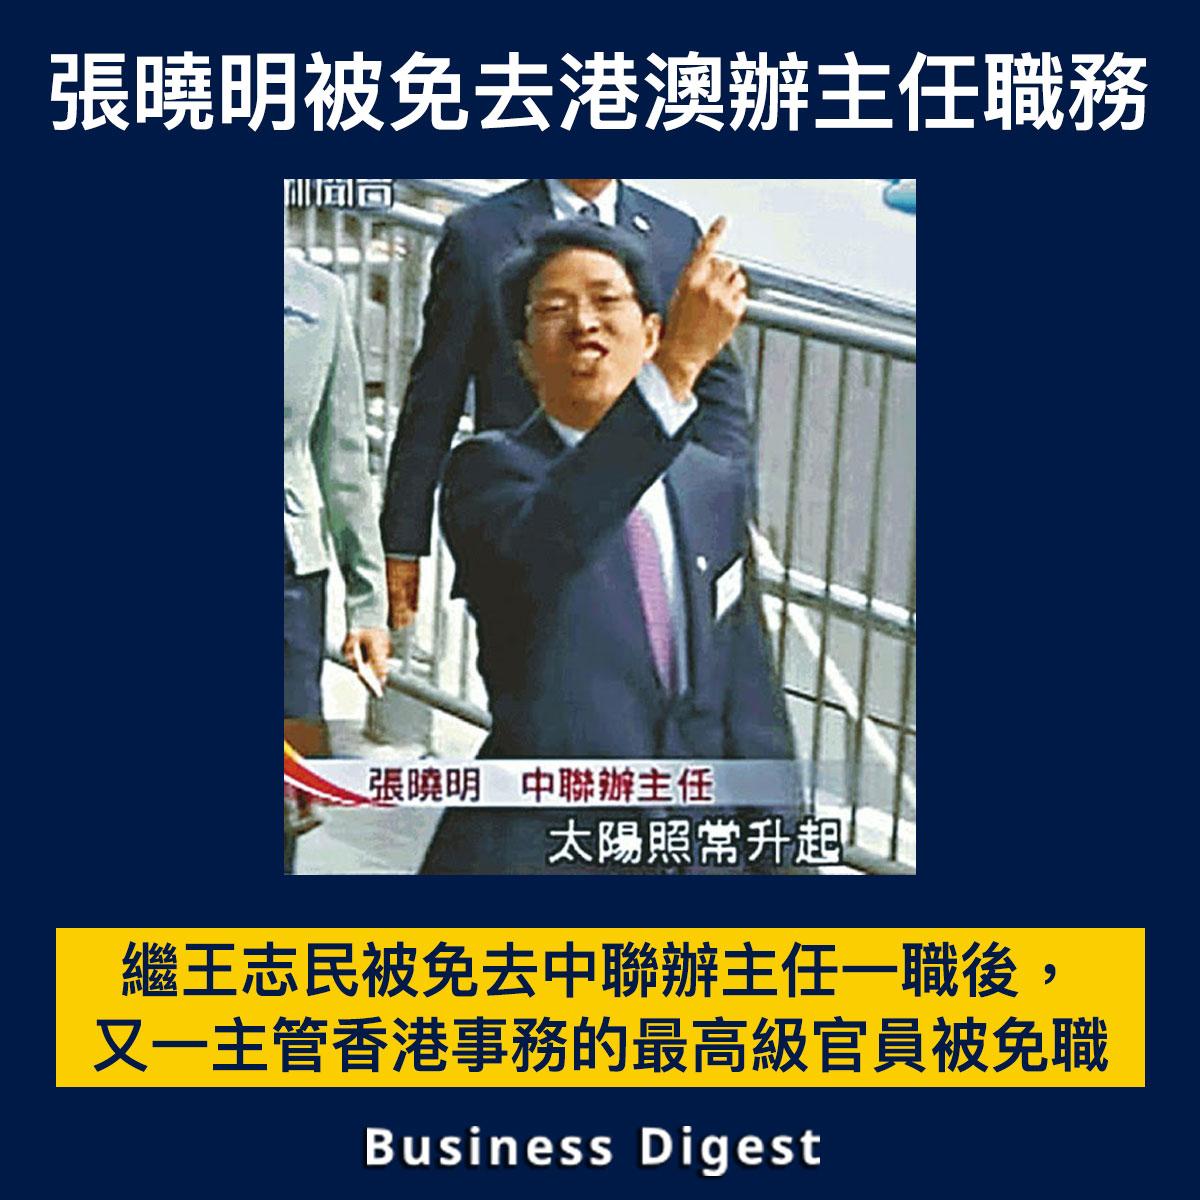 【商業熱話】張曉明被免去港澳辦主任職務